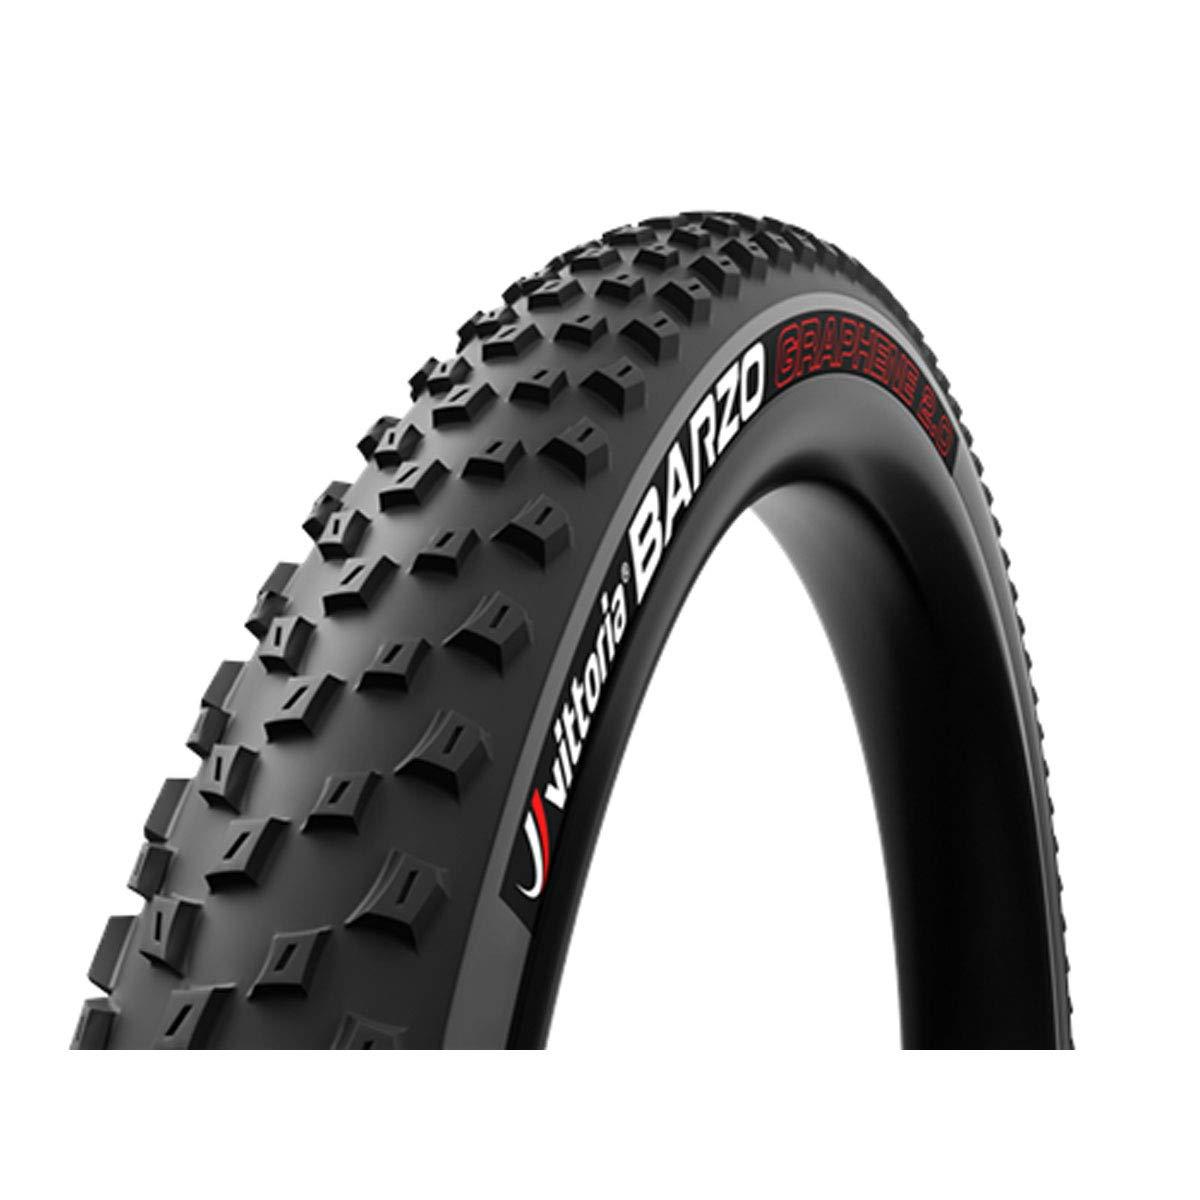 Vittoria Barzo G2.0 XC-Trail/TNT 29x2.35 Tire, Anthracite